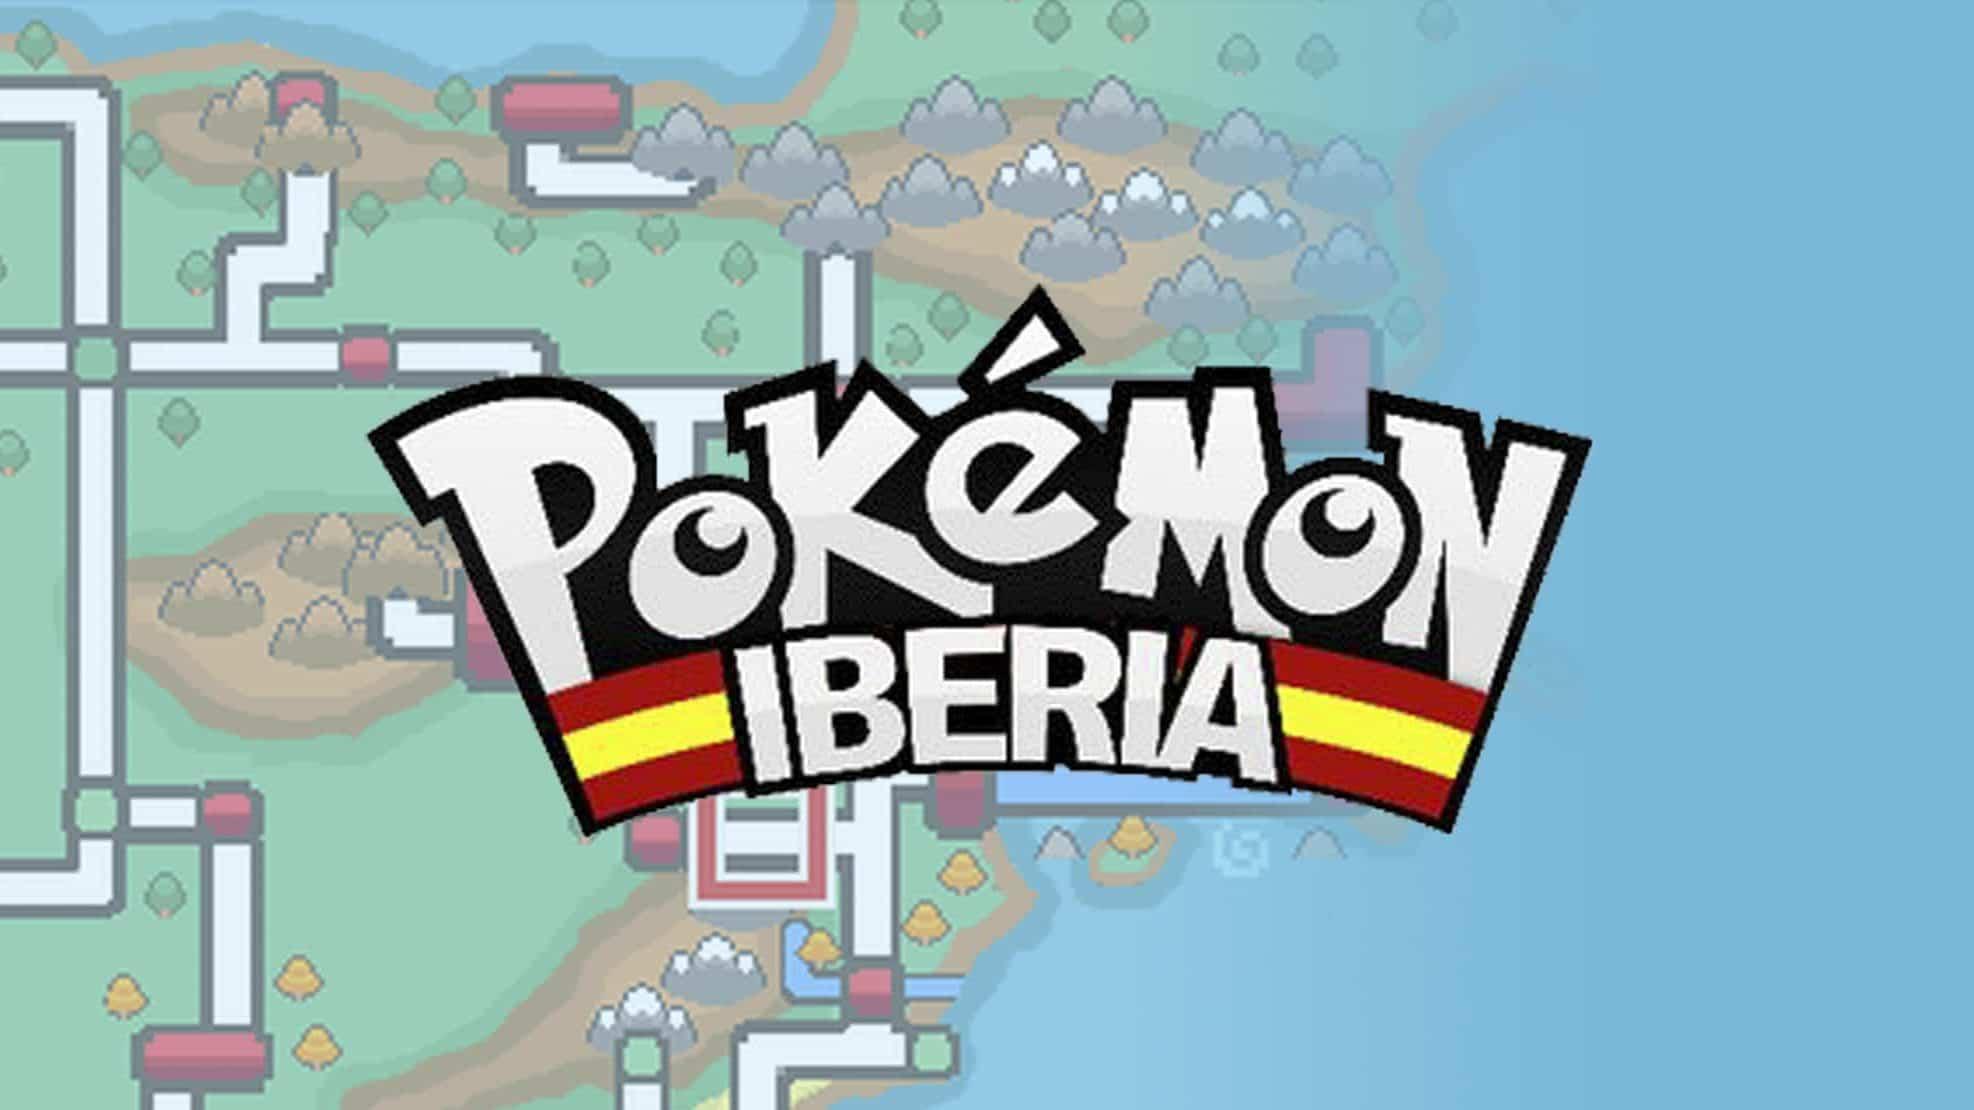 Pokémon Iberia se viraliza entre defensores y detractores